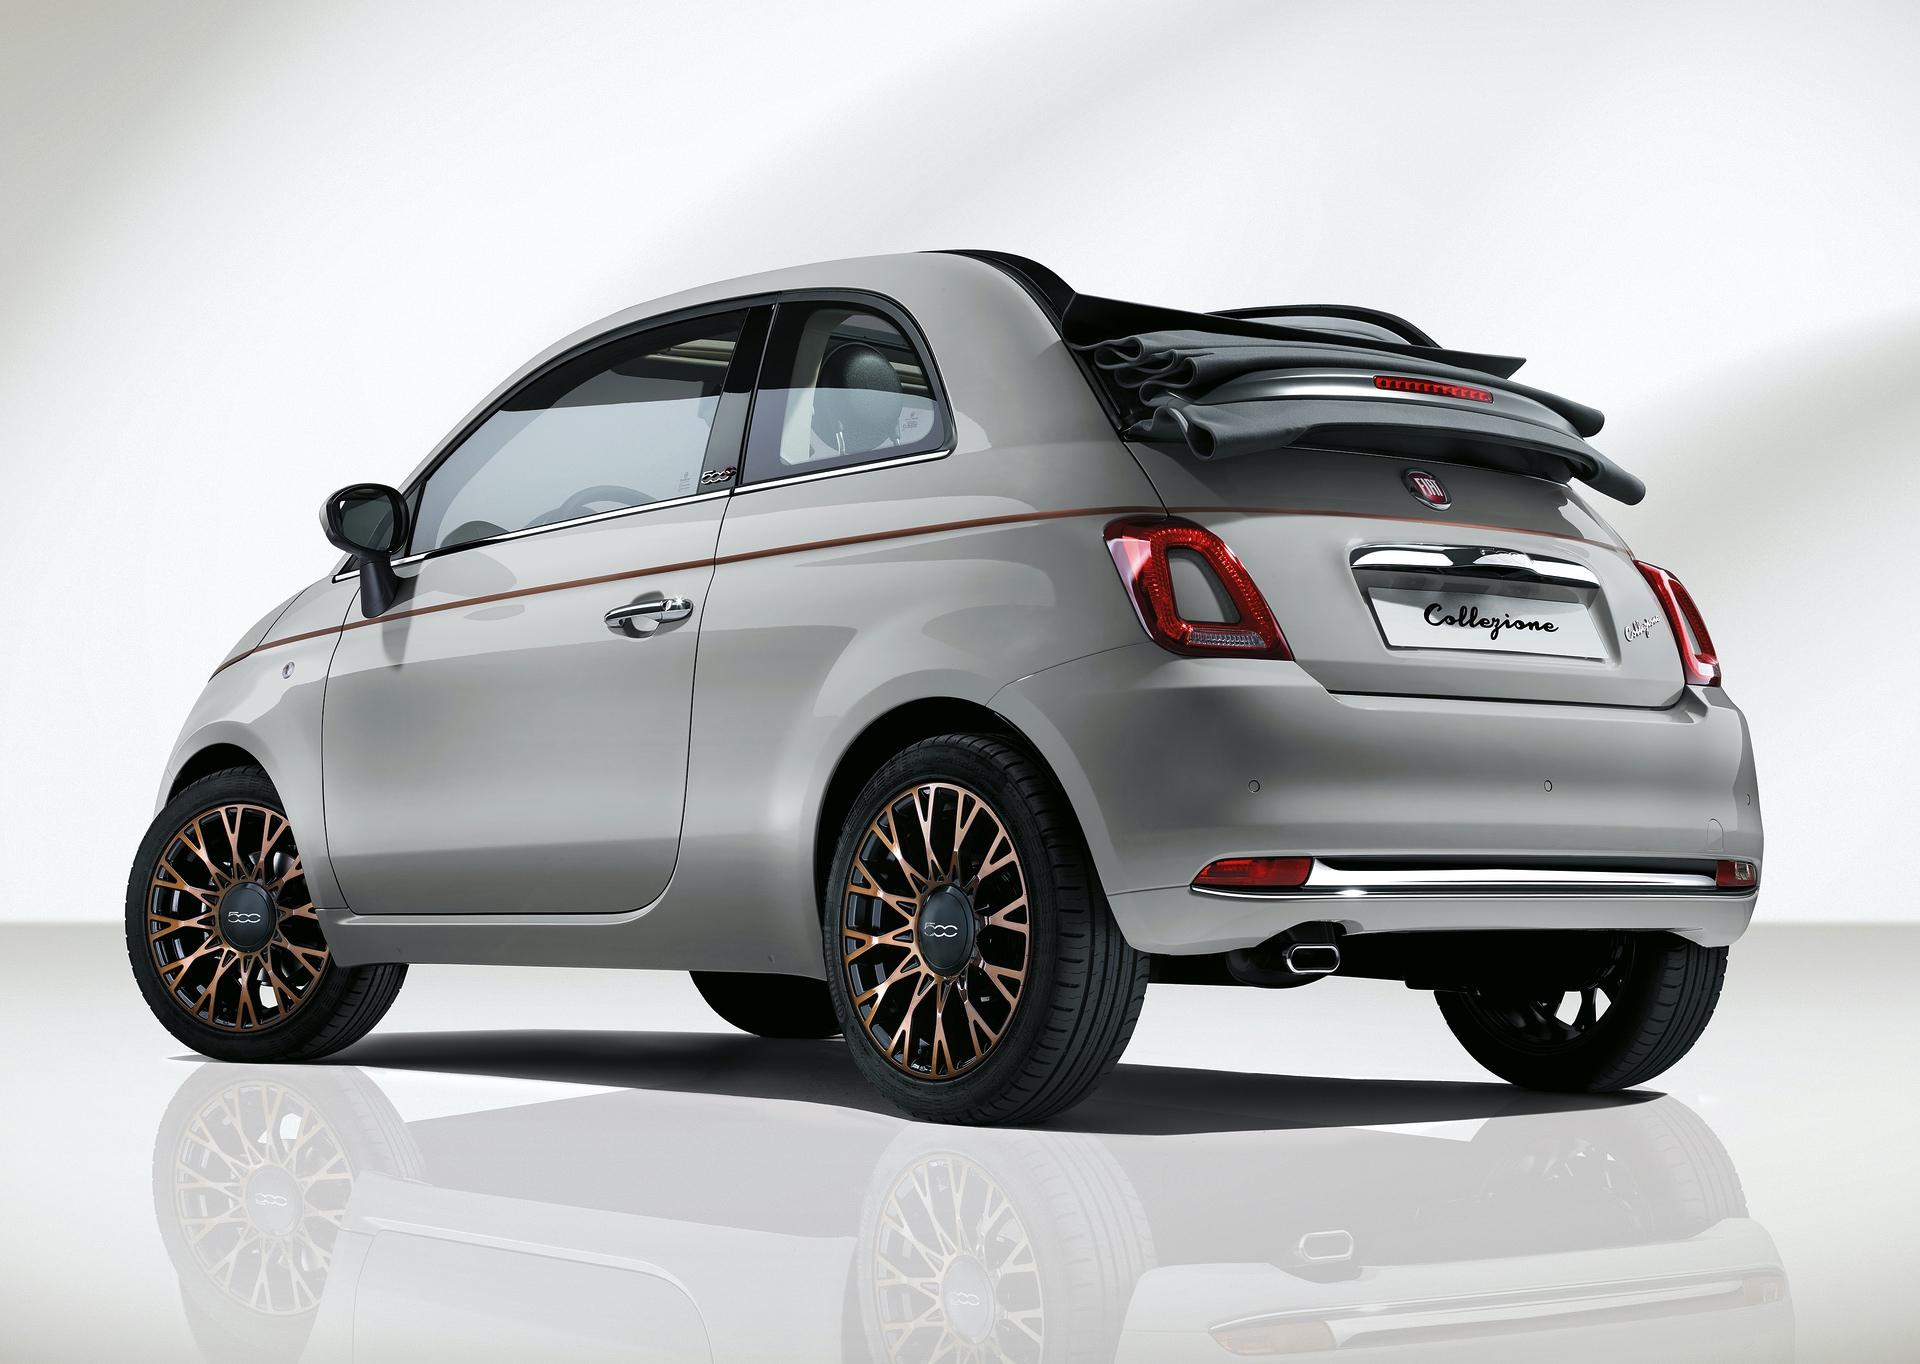 Fiat_500_Collezione_Edition_0019